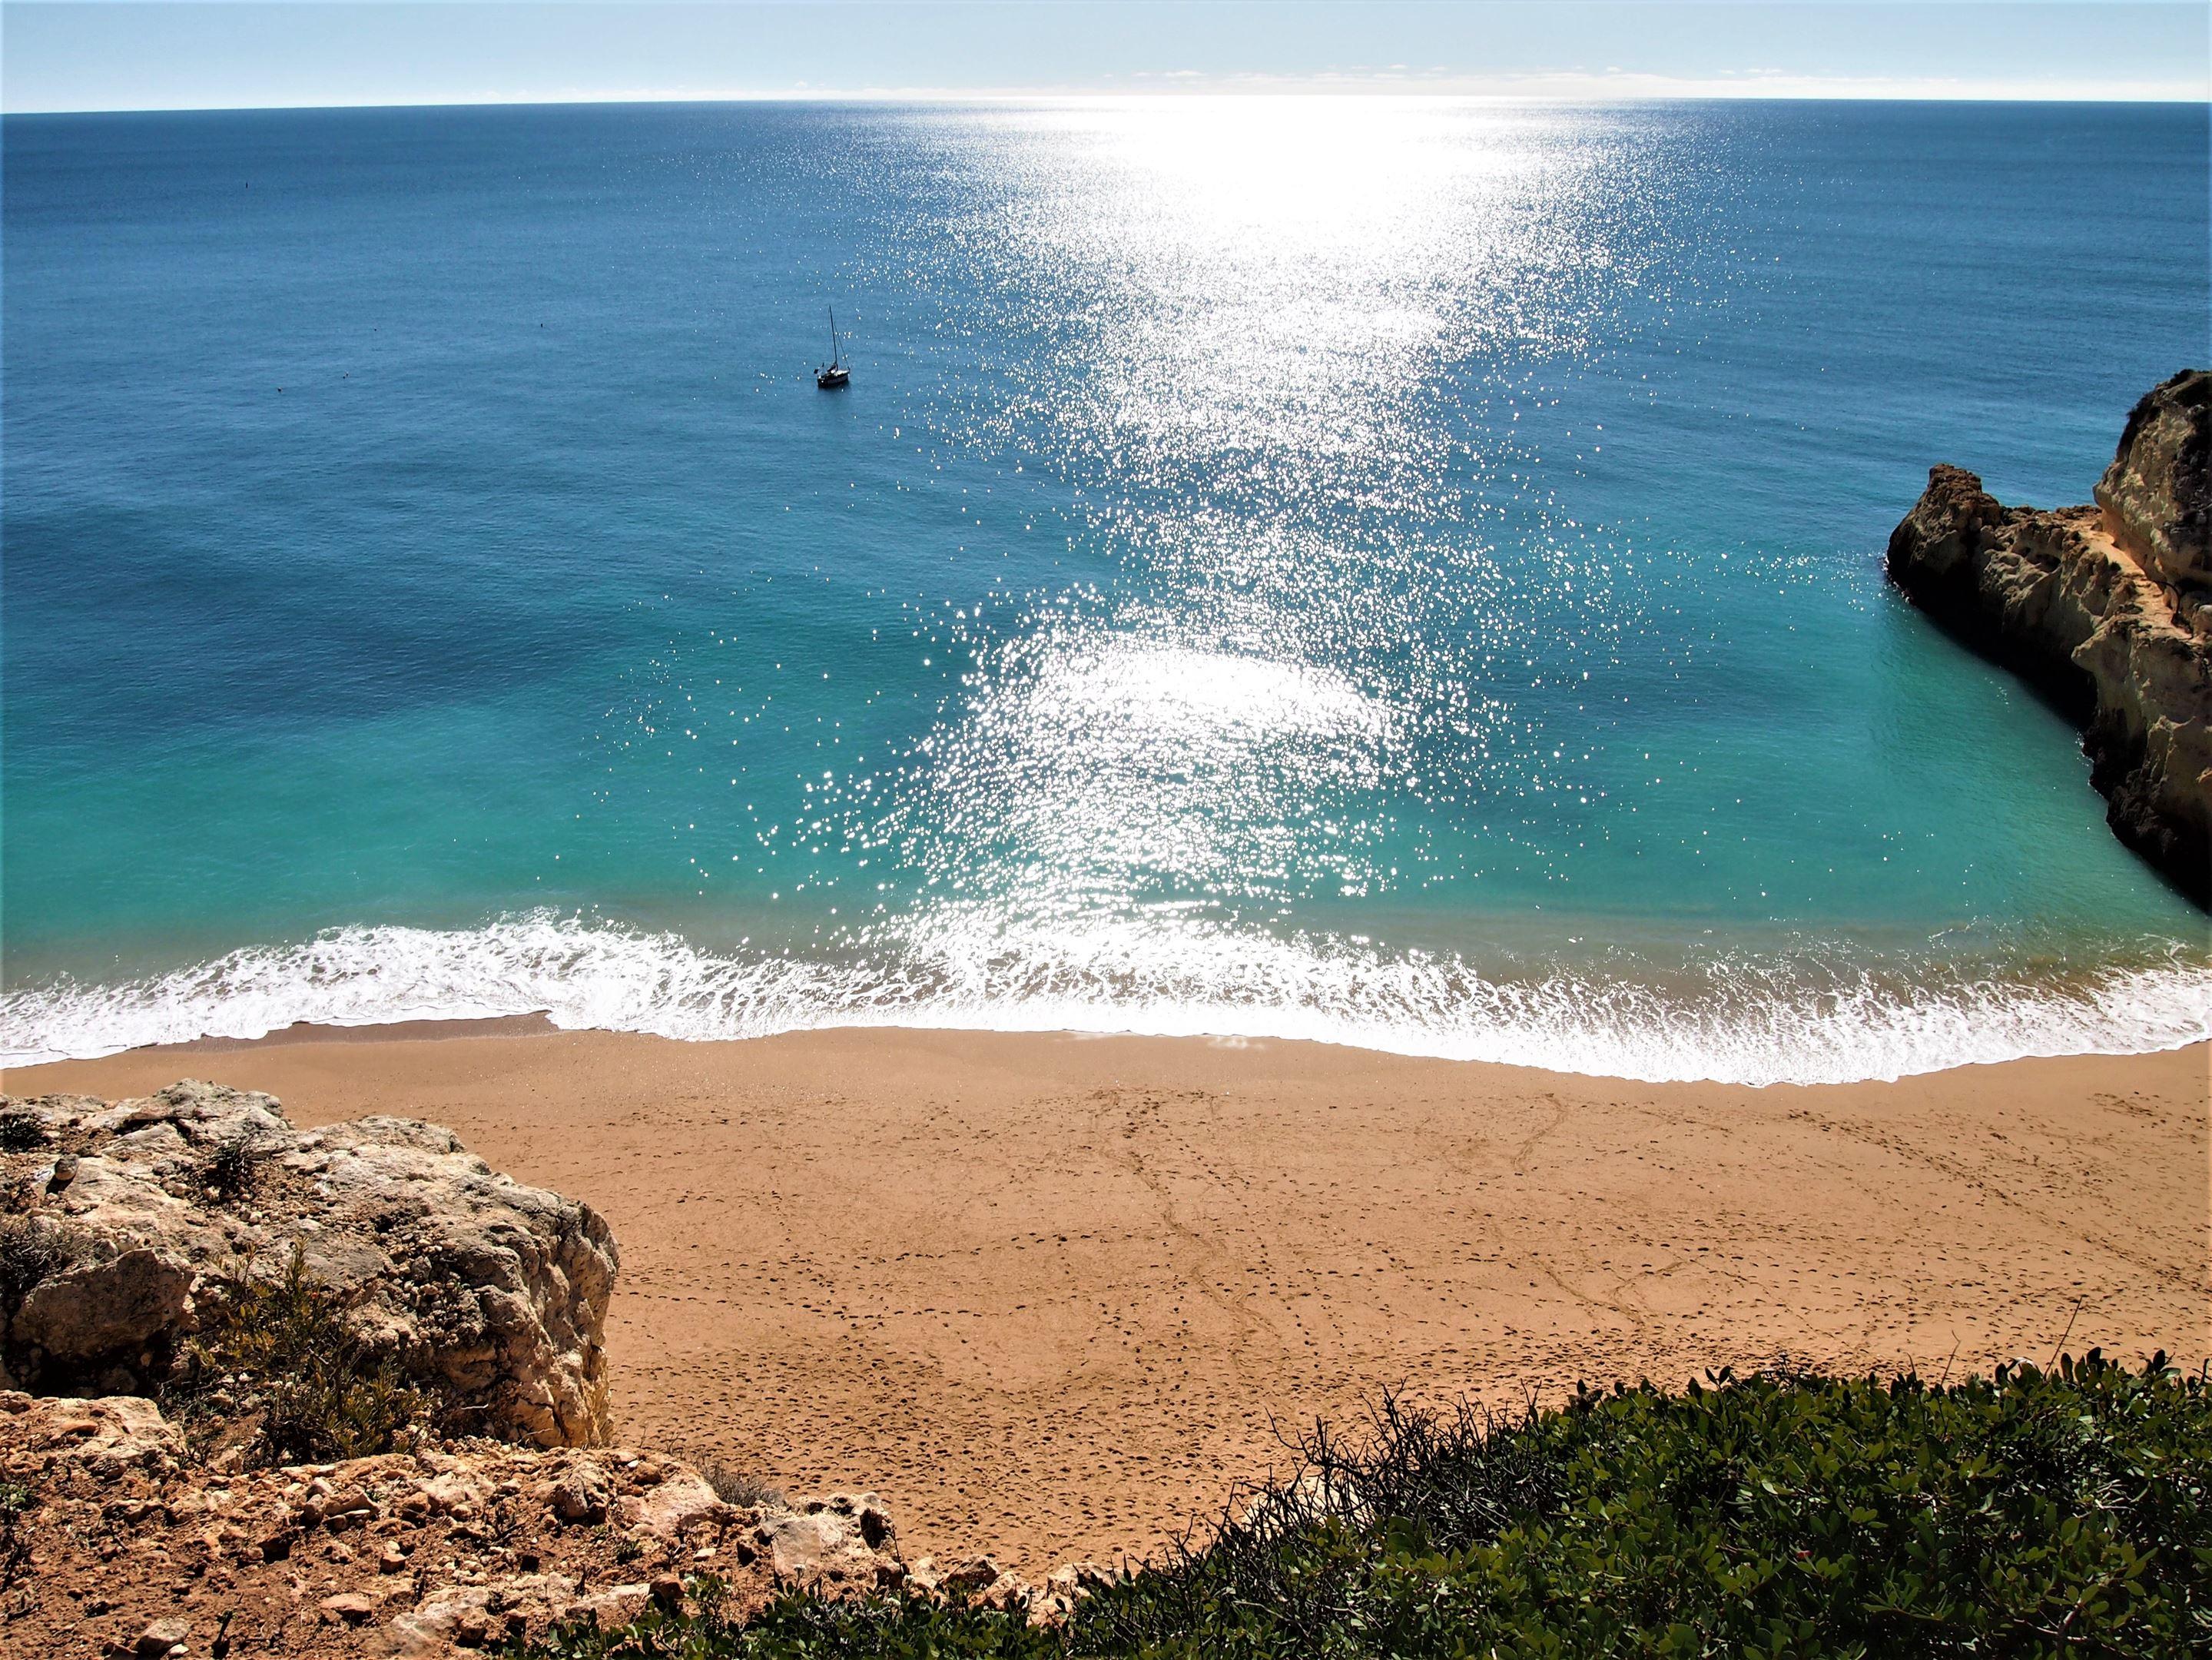 Praia de Benagil, Carvoeiro